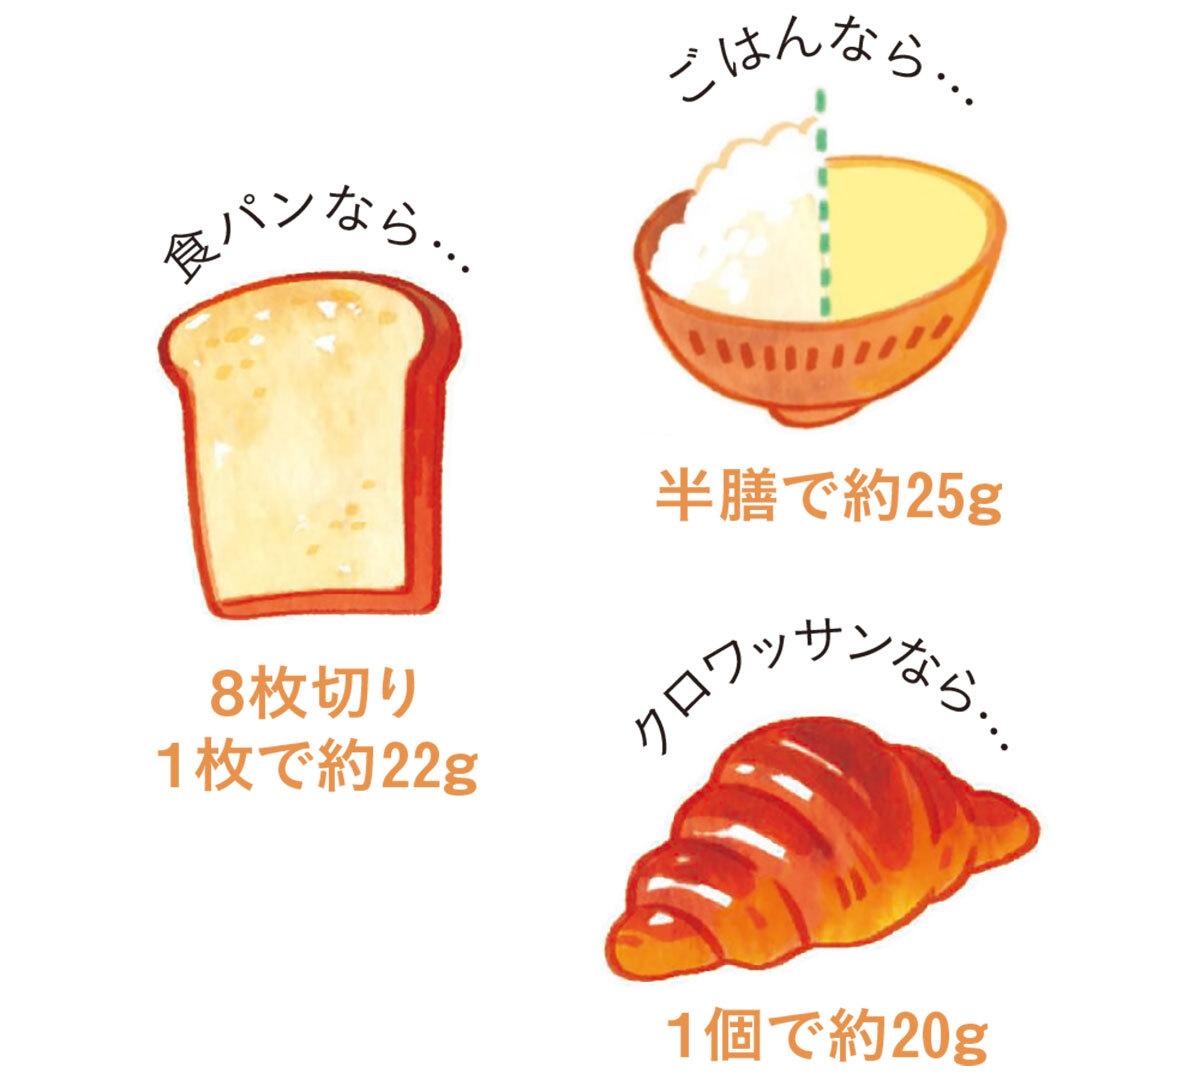 1食の糖質量が40g以下なら血糖値の急上昇が抑えられます